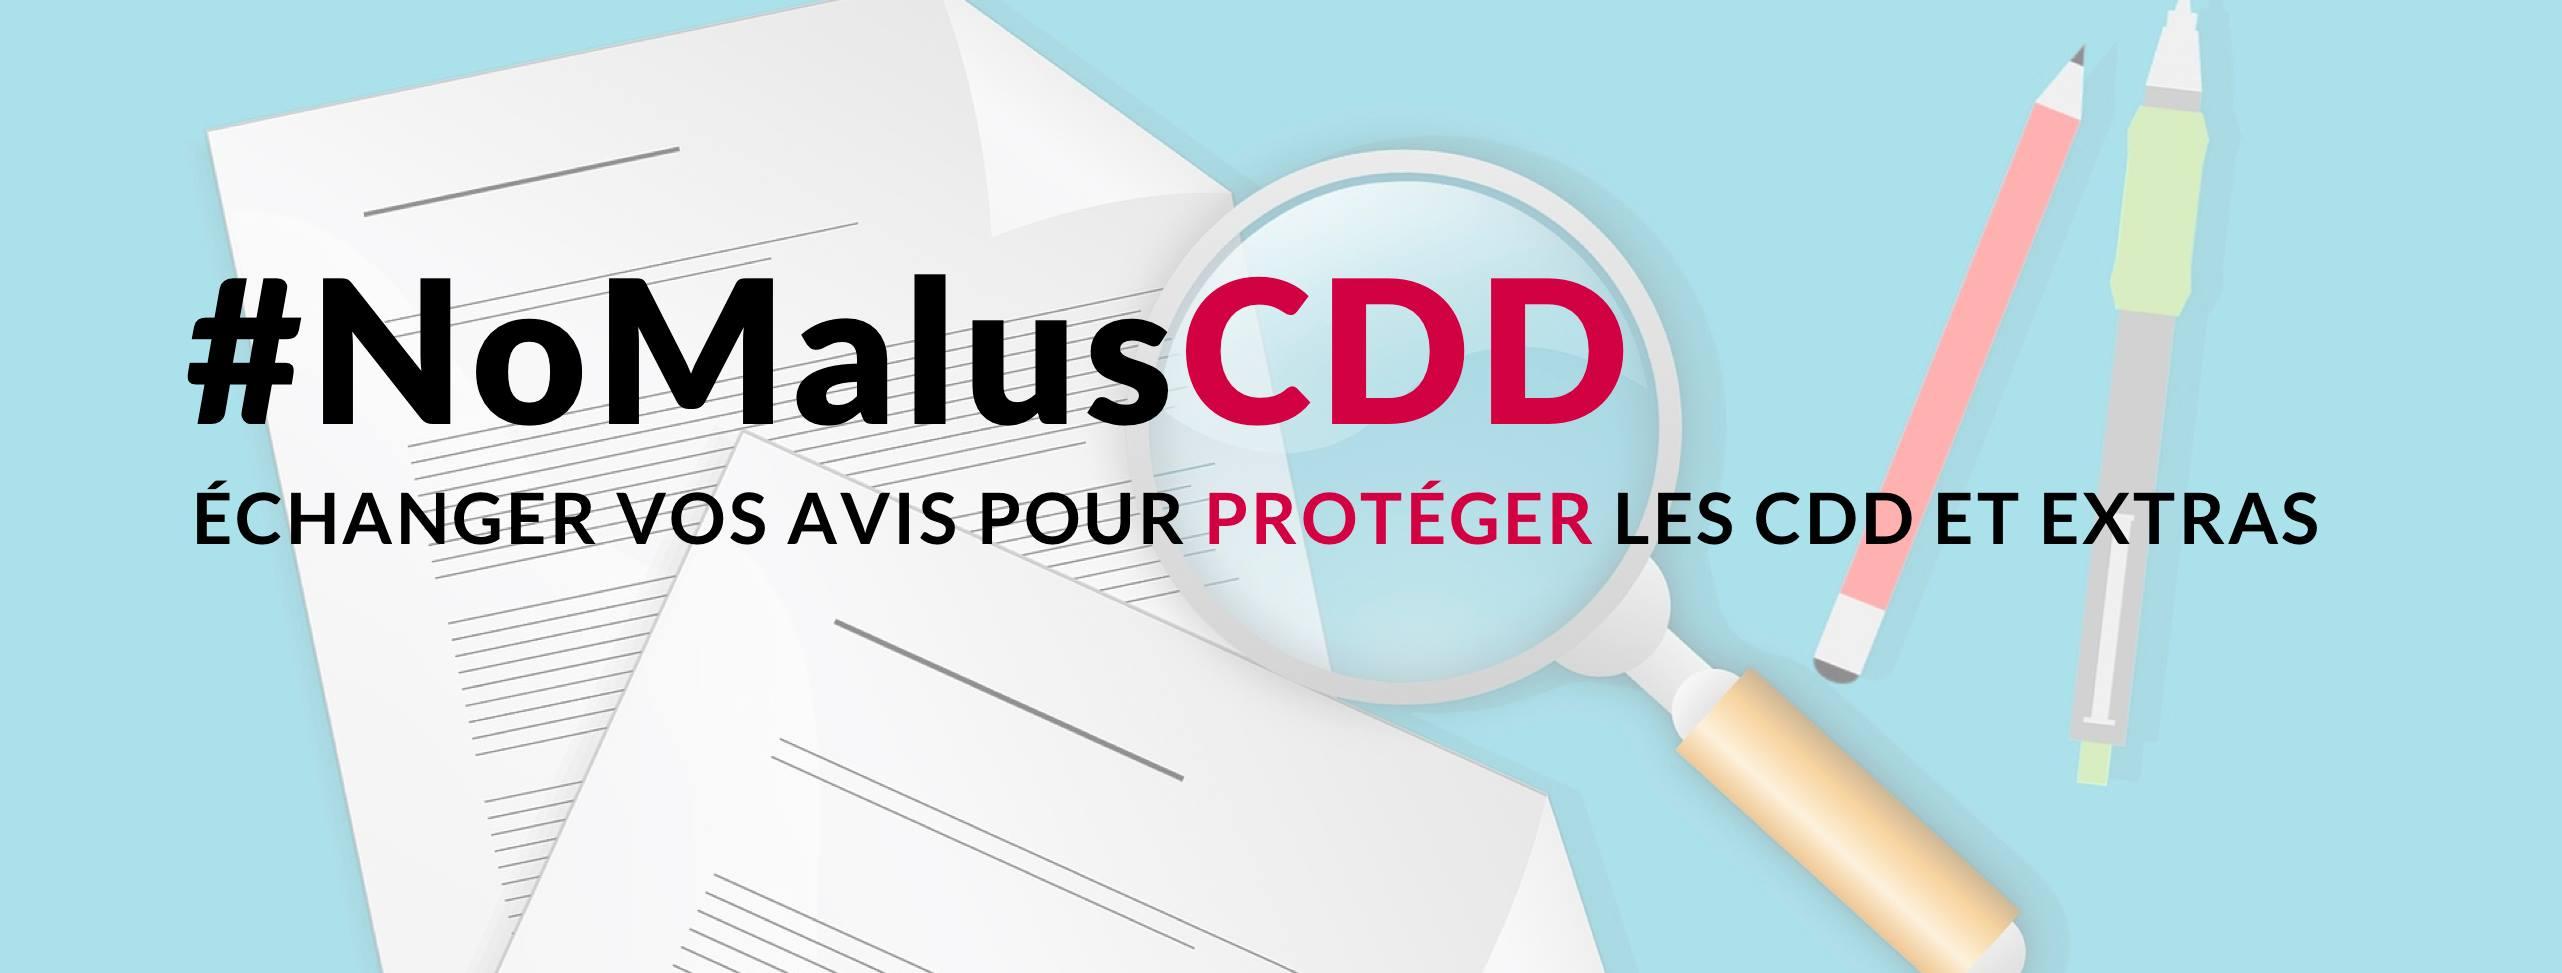 Défendons nos CDD et contrats courts contre tout malus